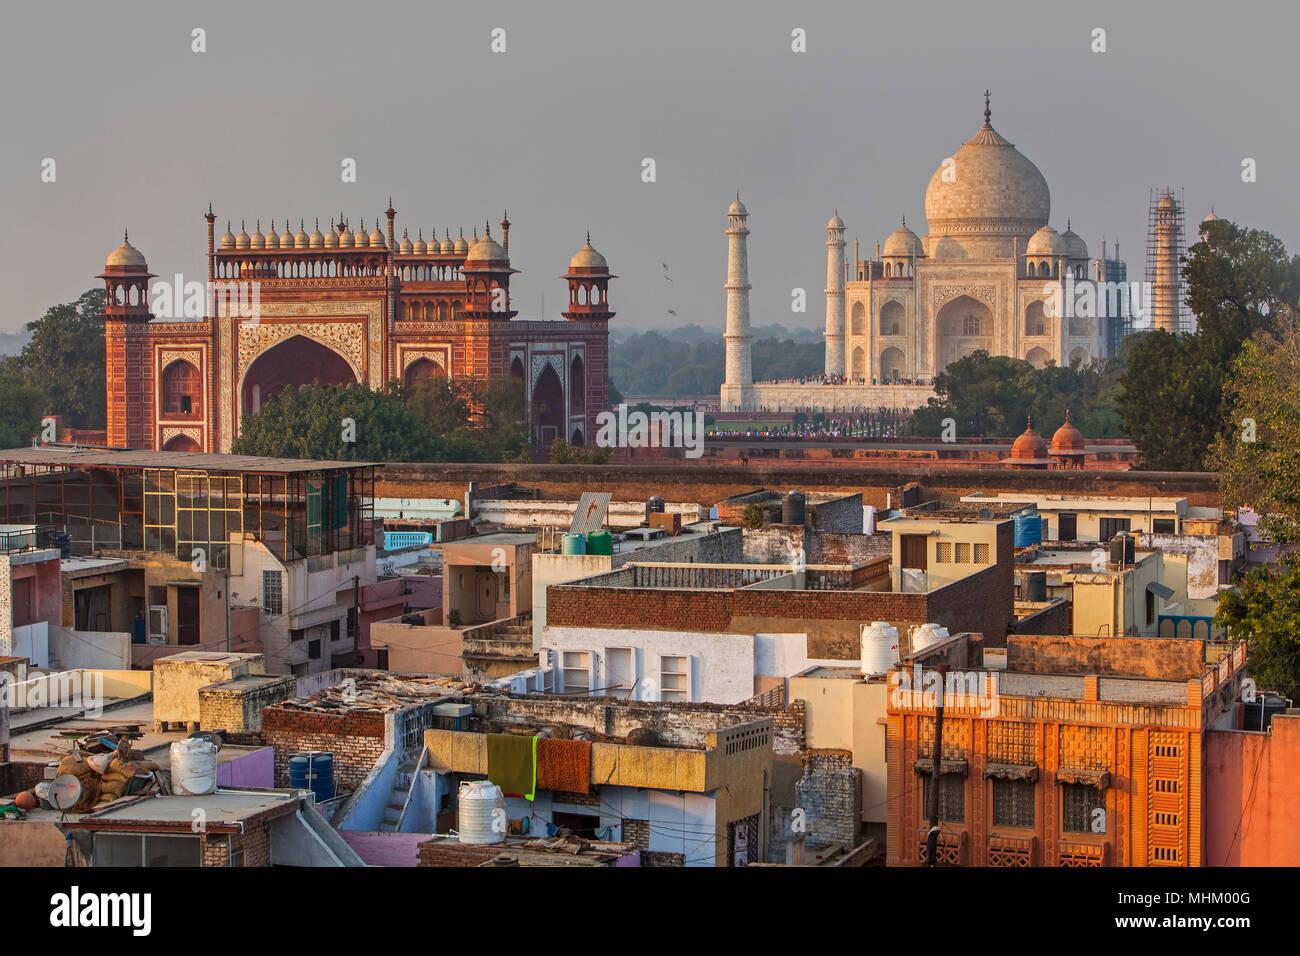 Taj Mahal und Dächer der Stadt Agra, Indien Stockbild